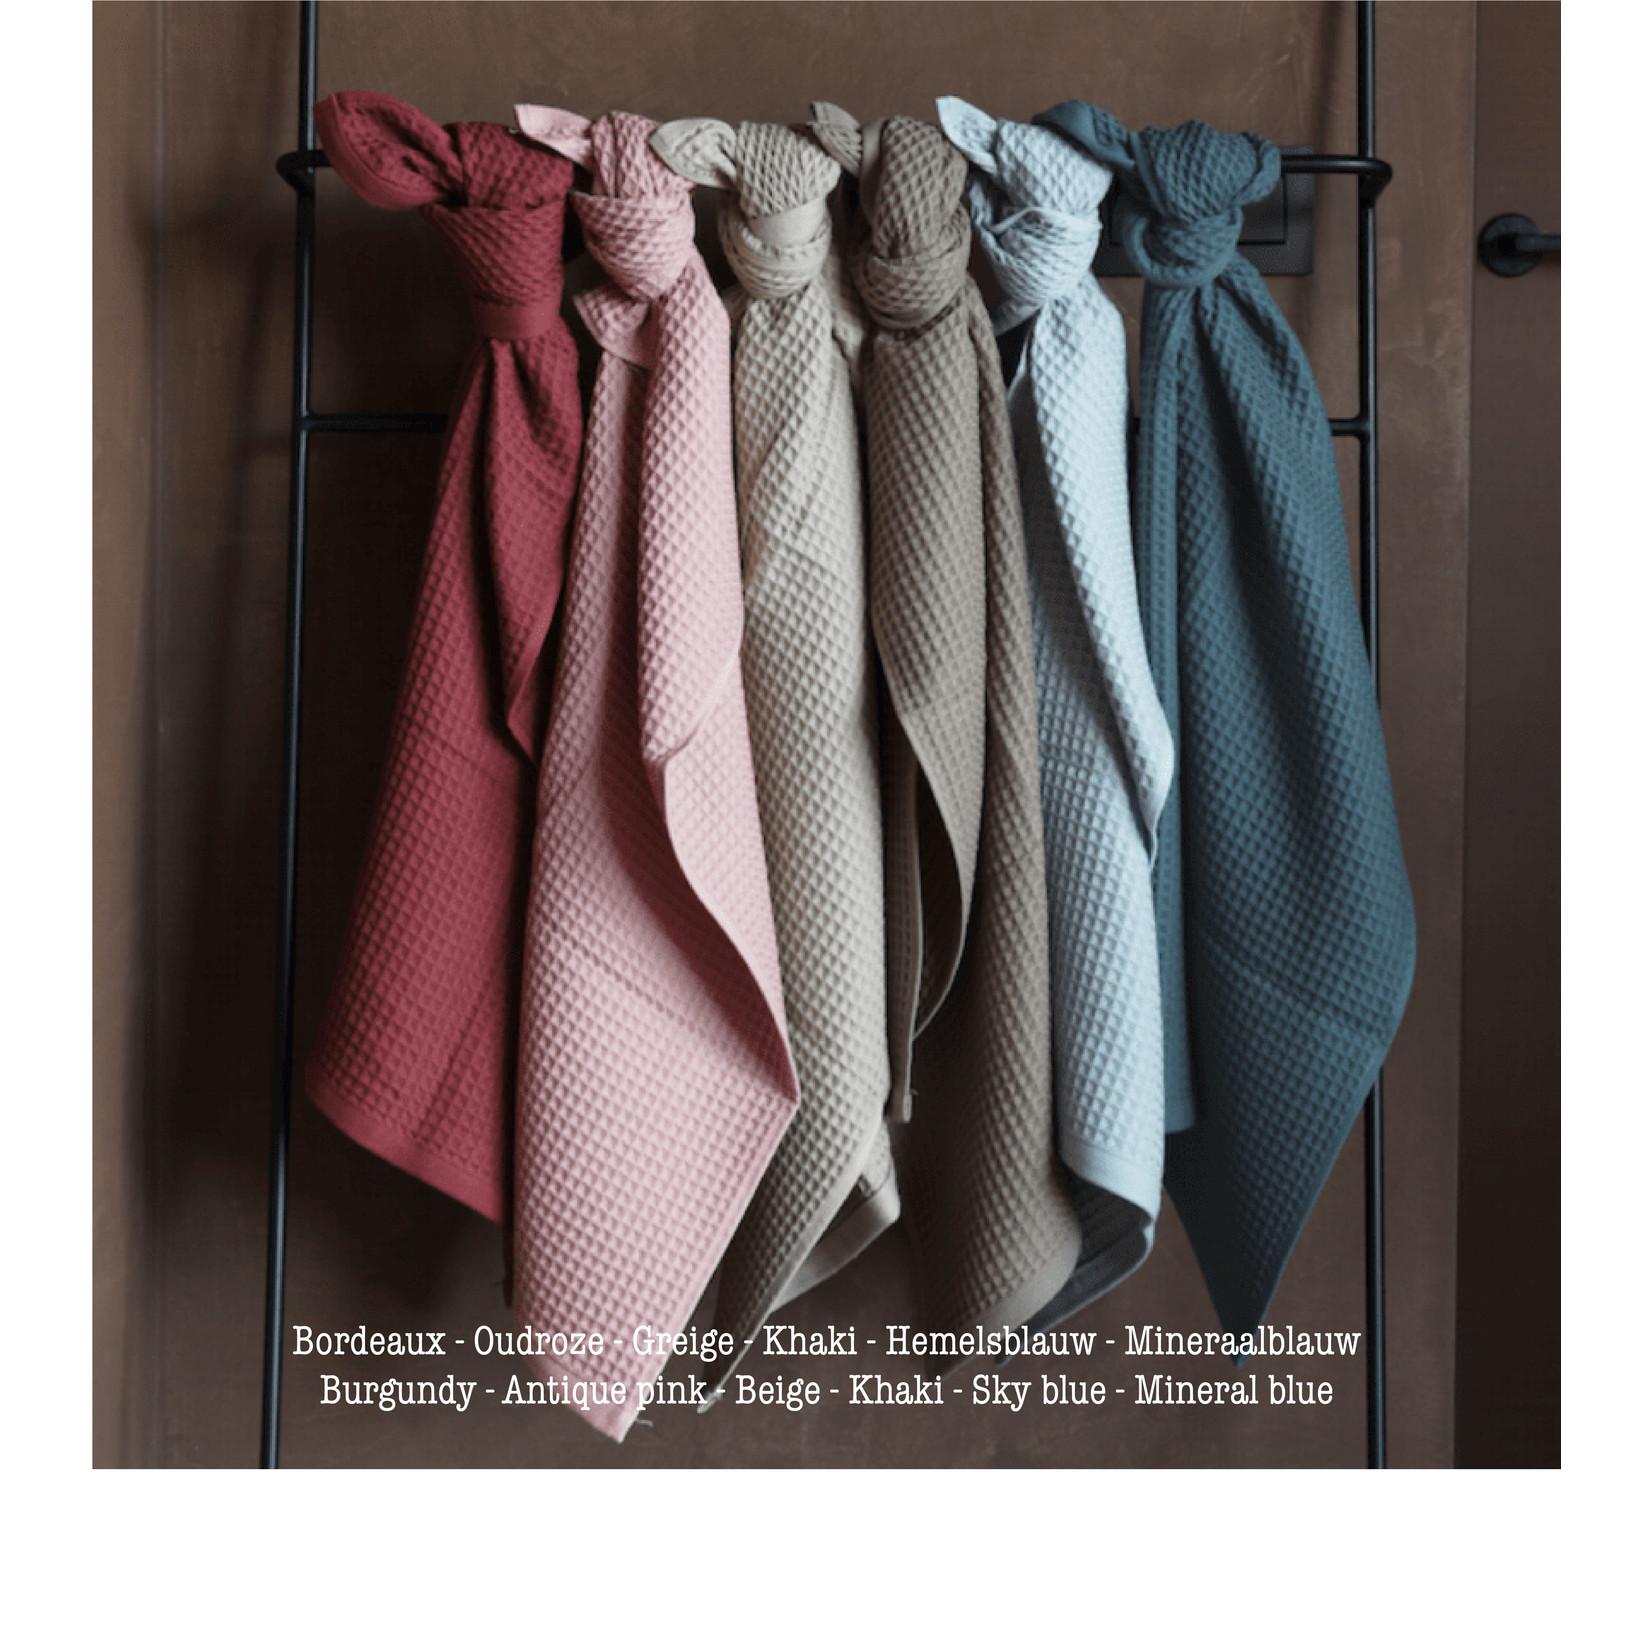 jules Clarysse Wafelstof handdoek met bloemenmonogram